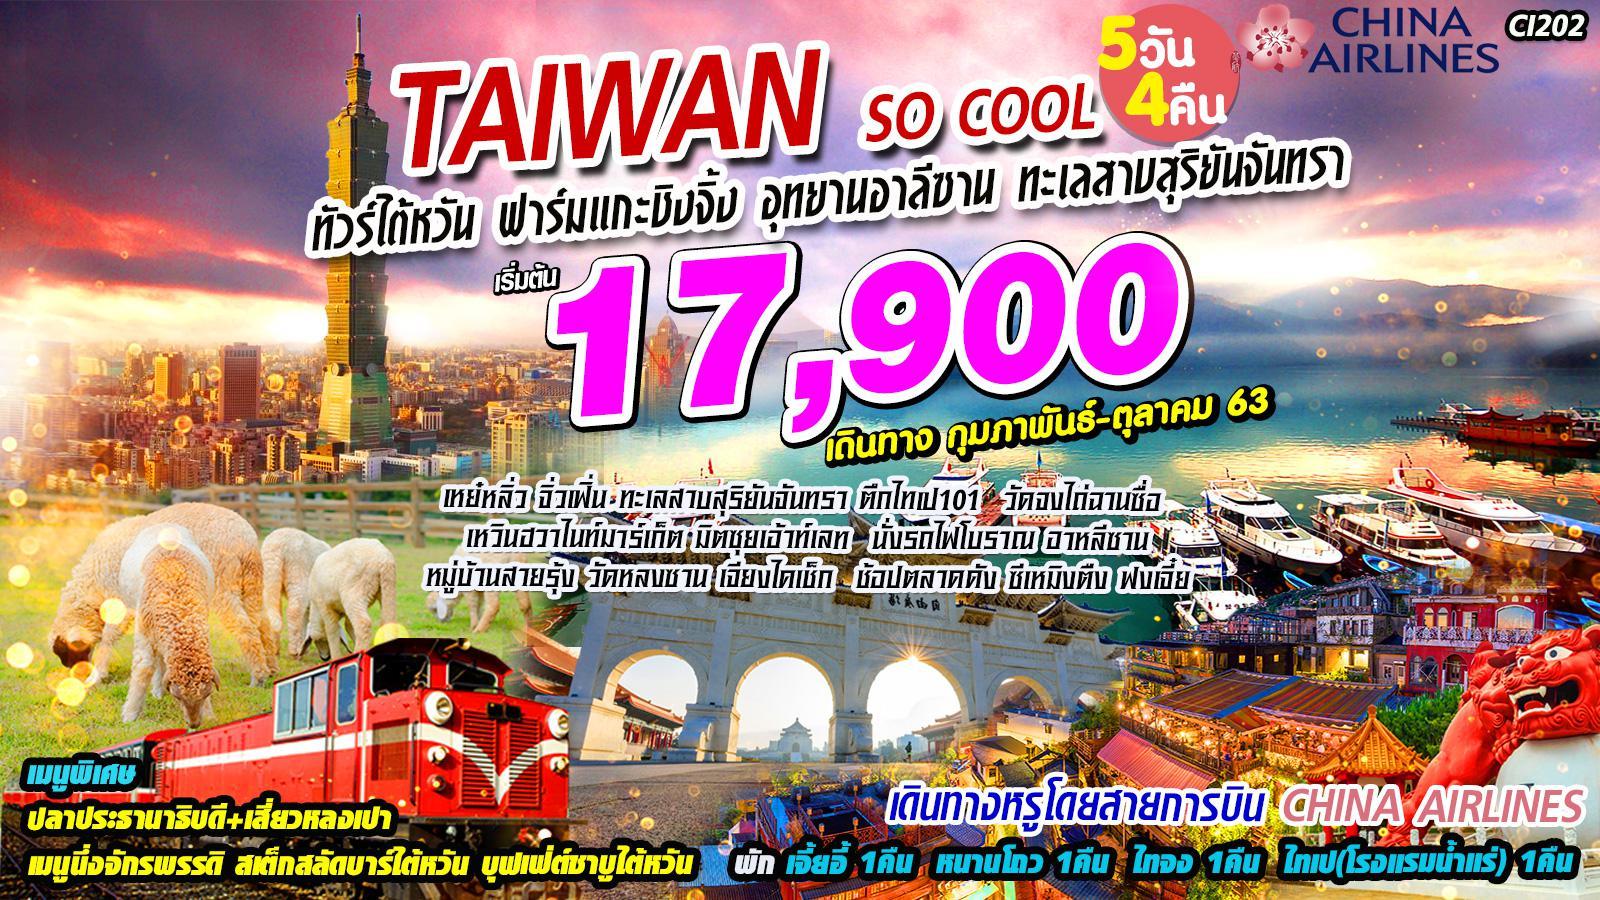 ทัวร์ไต้หวัน Taiwan So Cool